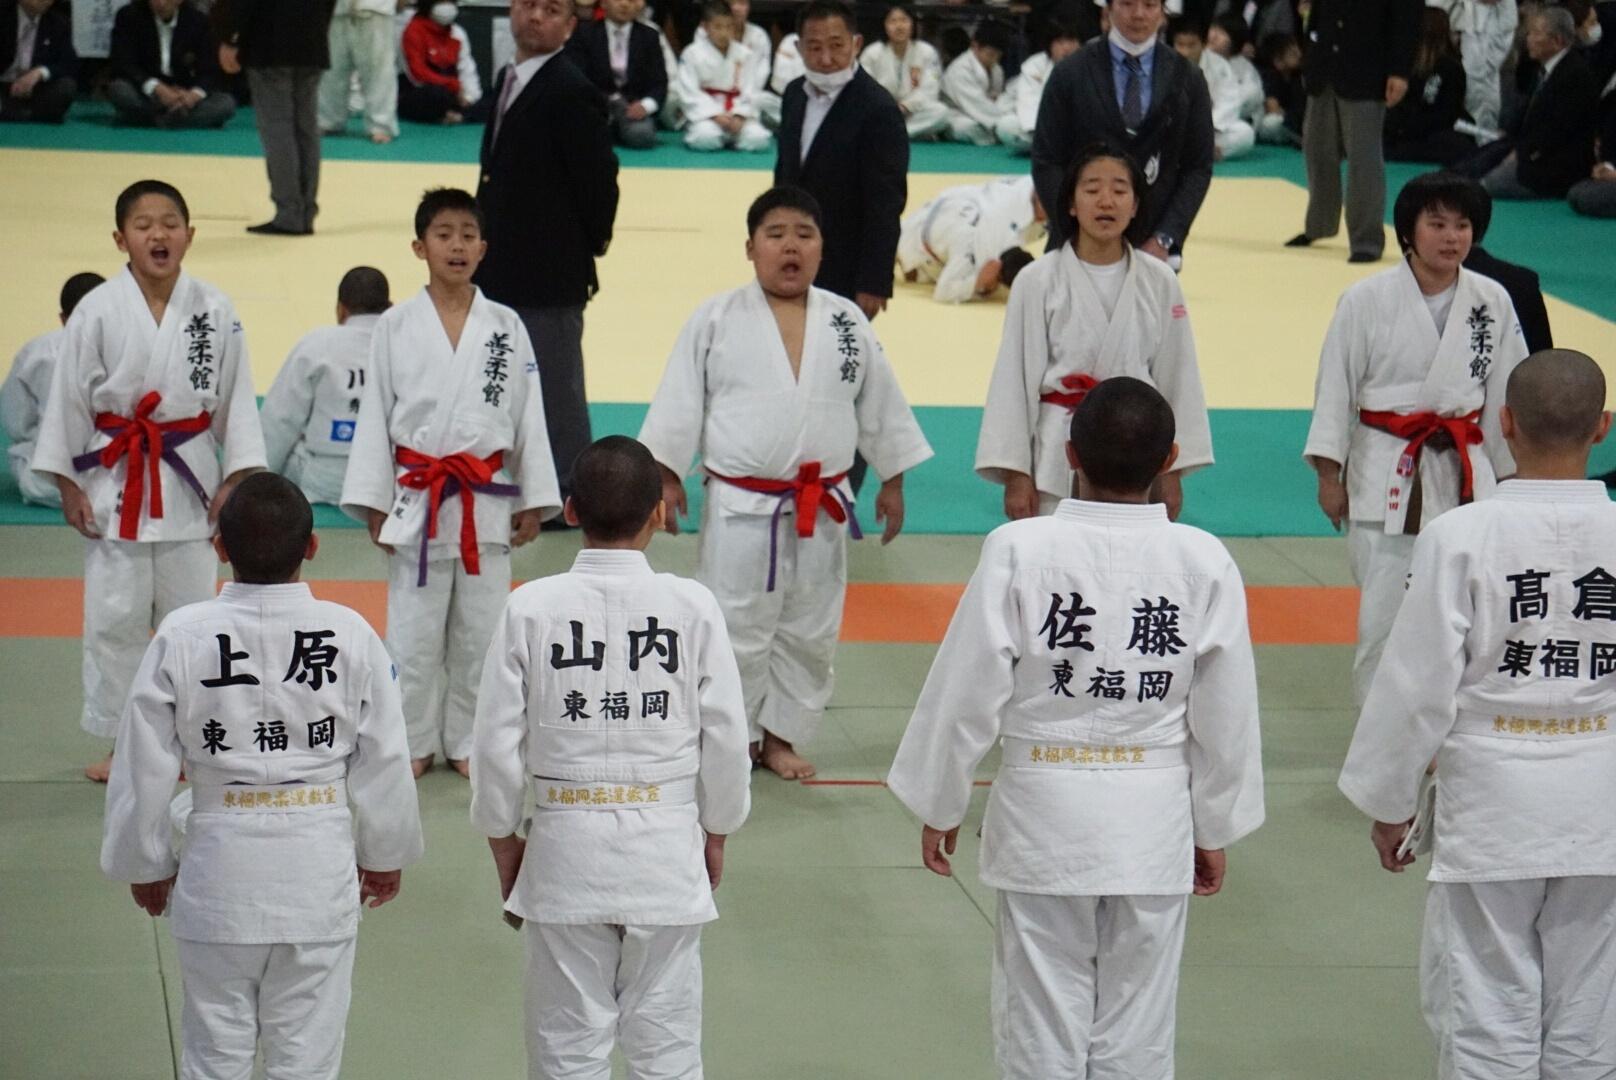 2020 柳ヶ浦少年柔道大会_b0172494_21180176.jpg